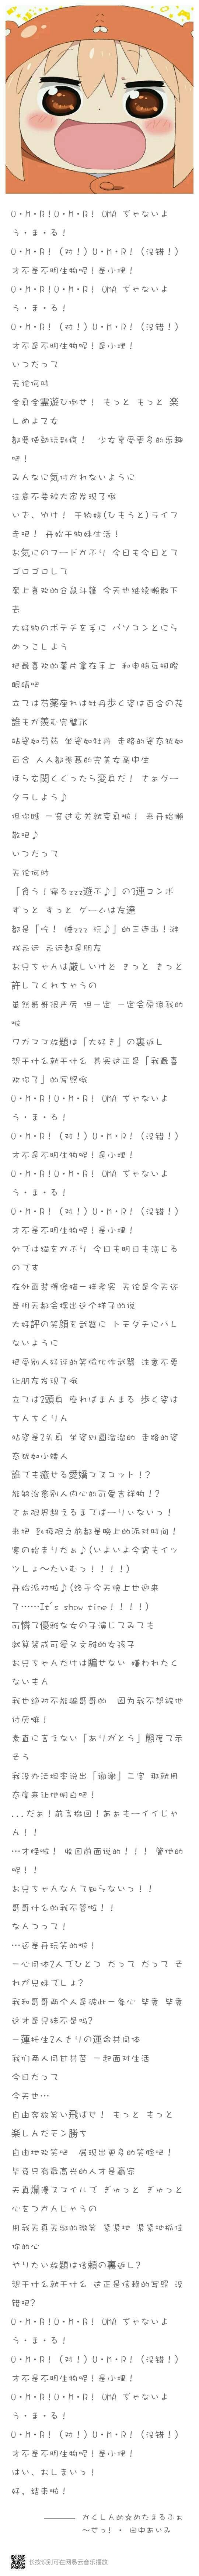 【音乐】かくしん的☆めたまるふぉ,里番漫画大全acg-小柚妹站